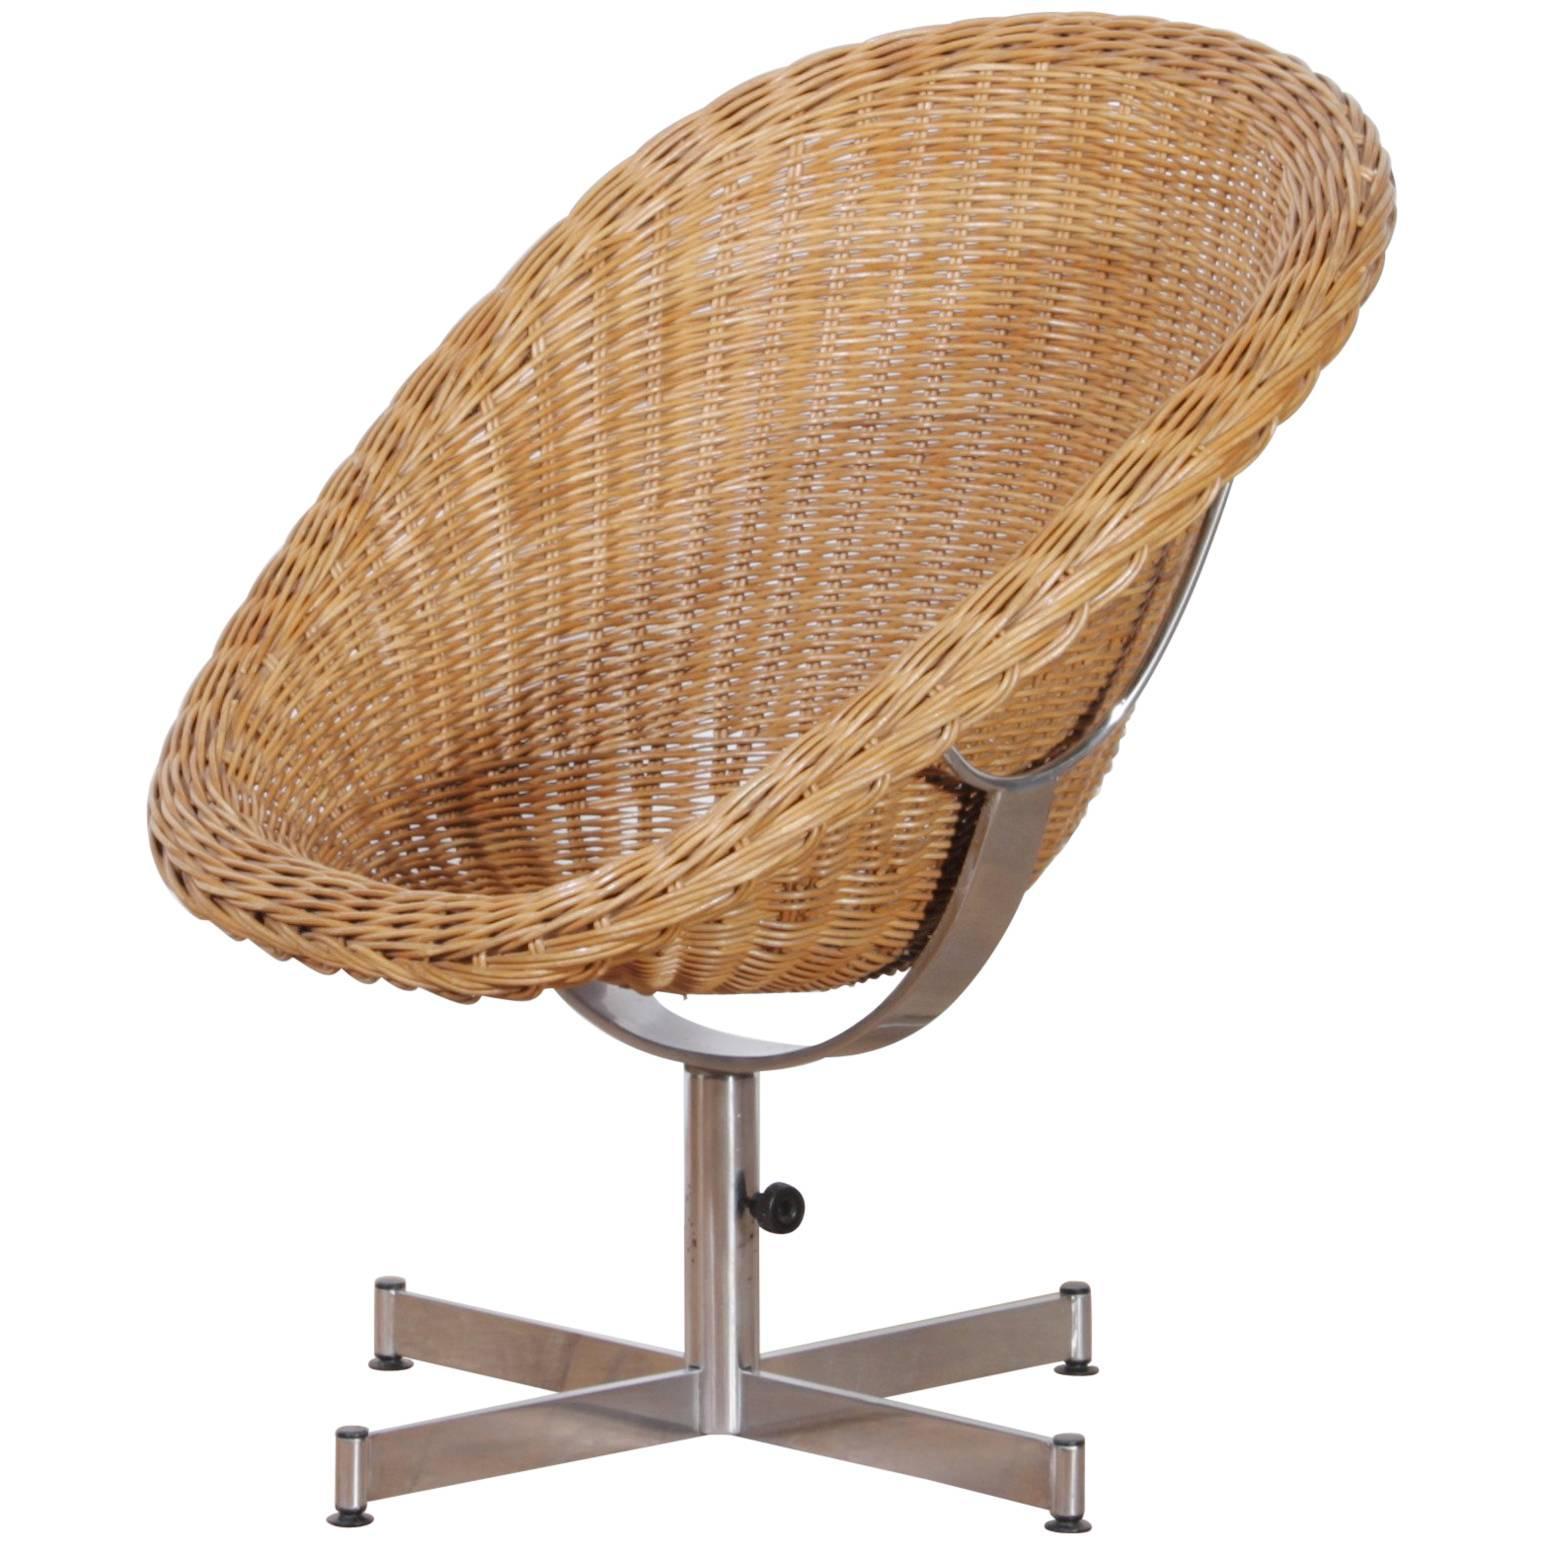 1960s, Rattan Swivel Chair By Dirk Van Sliedregt For Gebroeders Jonkers 1